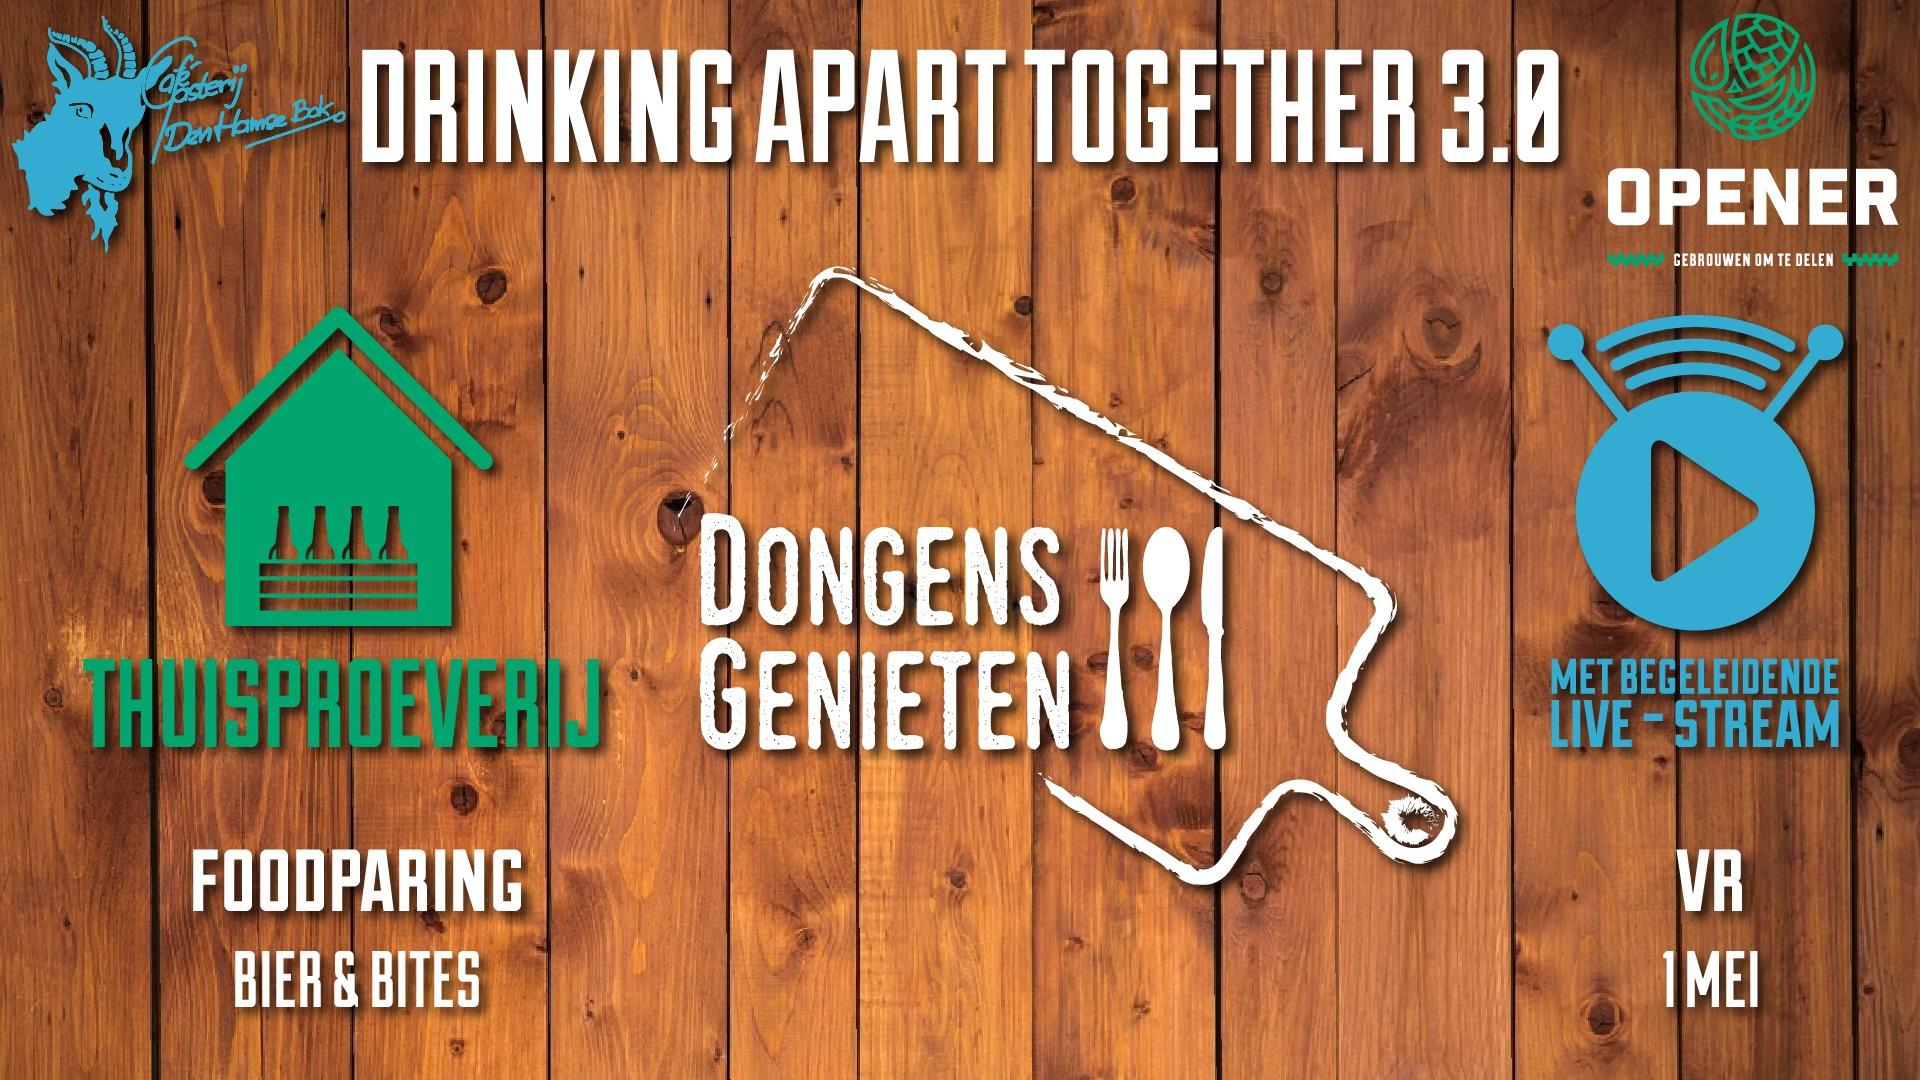 Drinking Apart Together 3.0 - Dongens Genieten